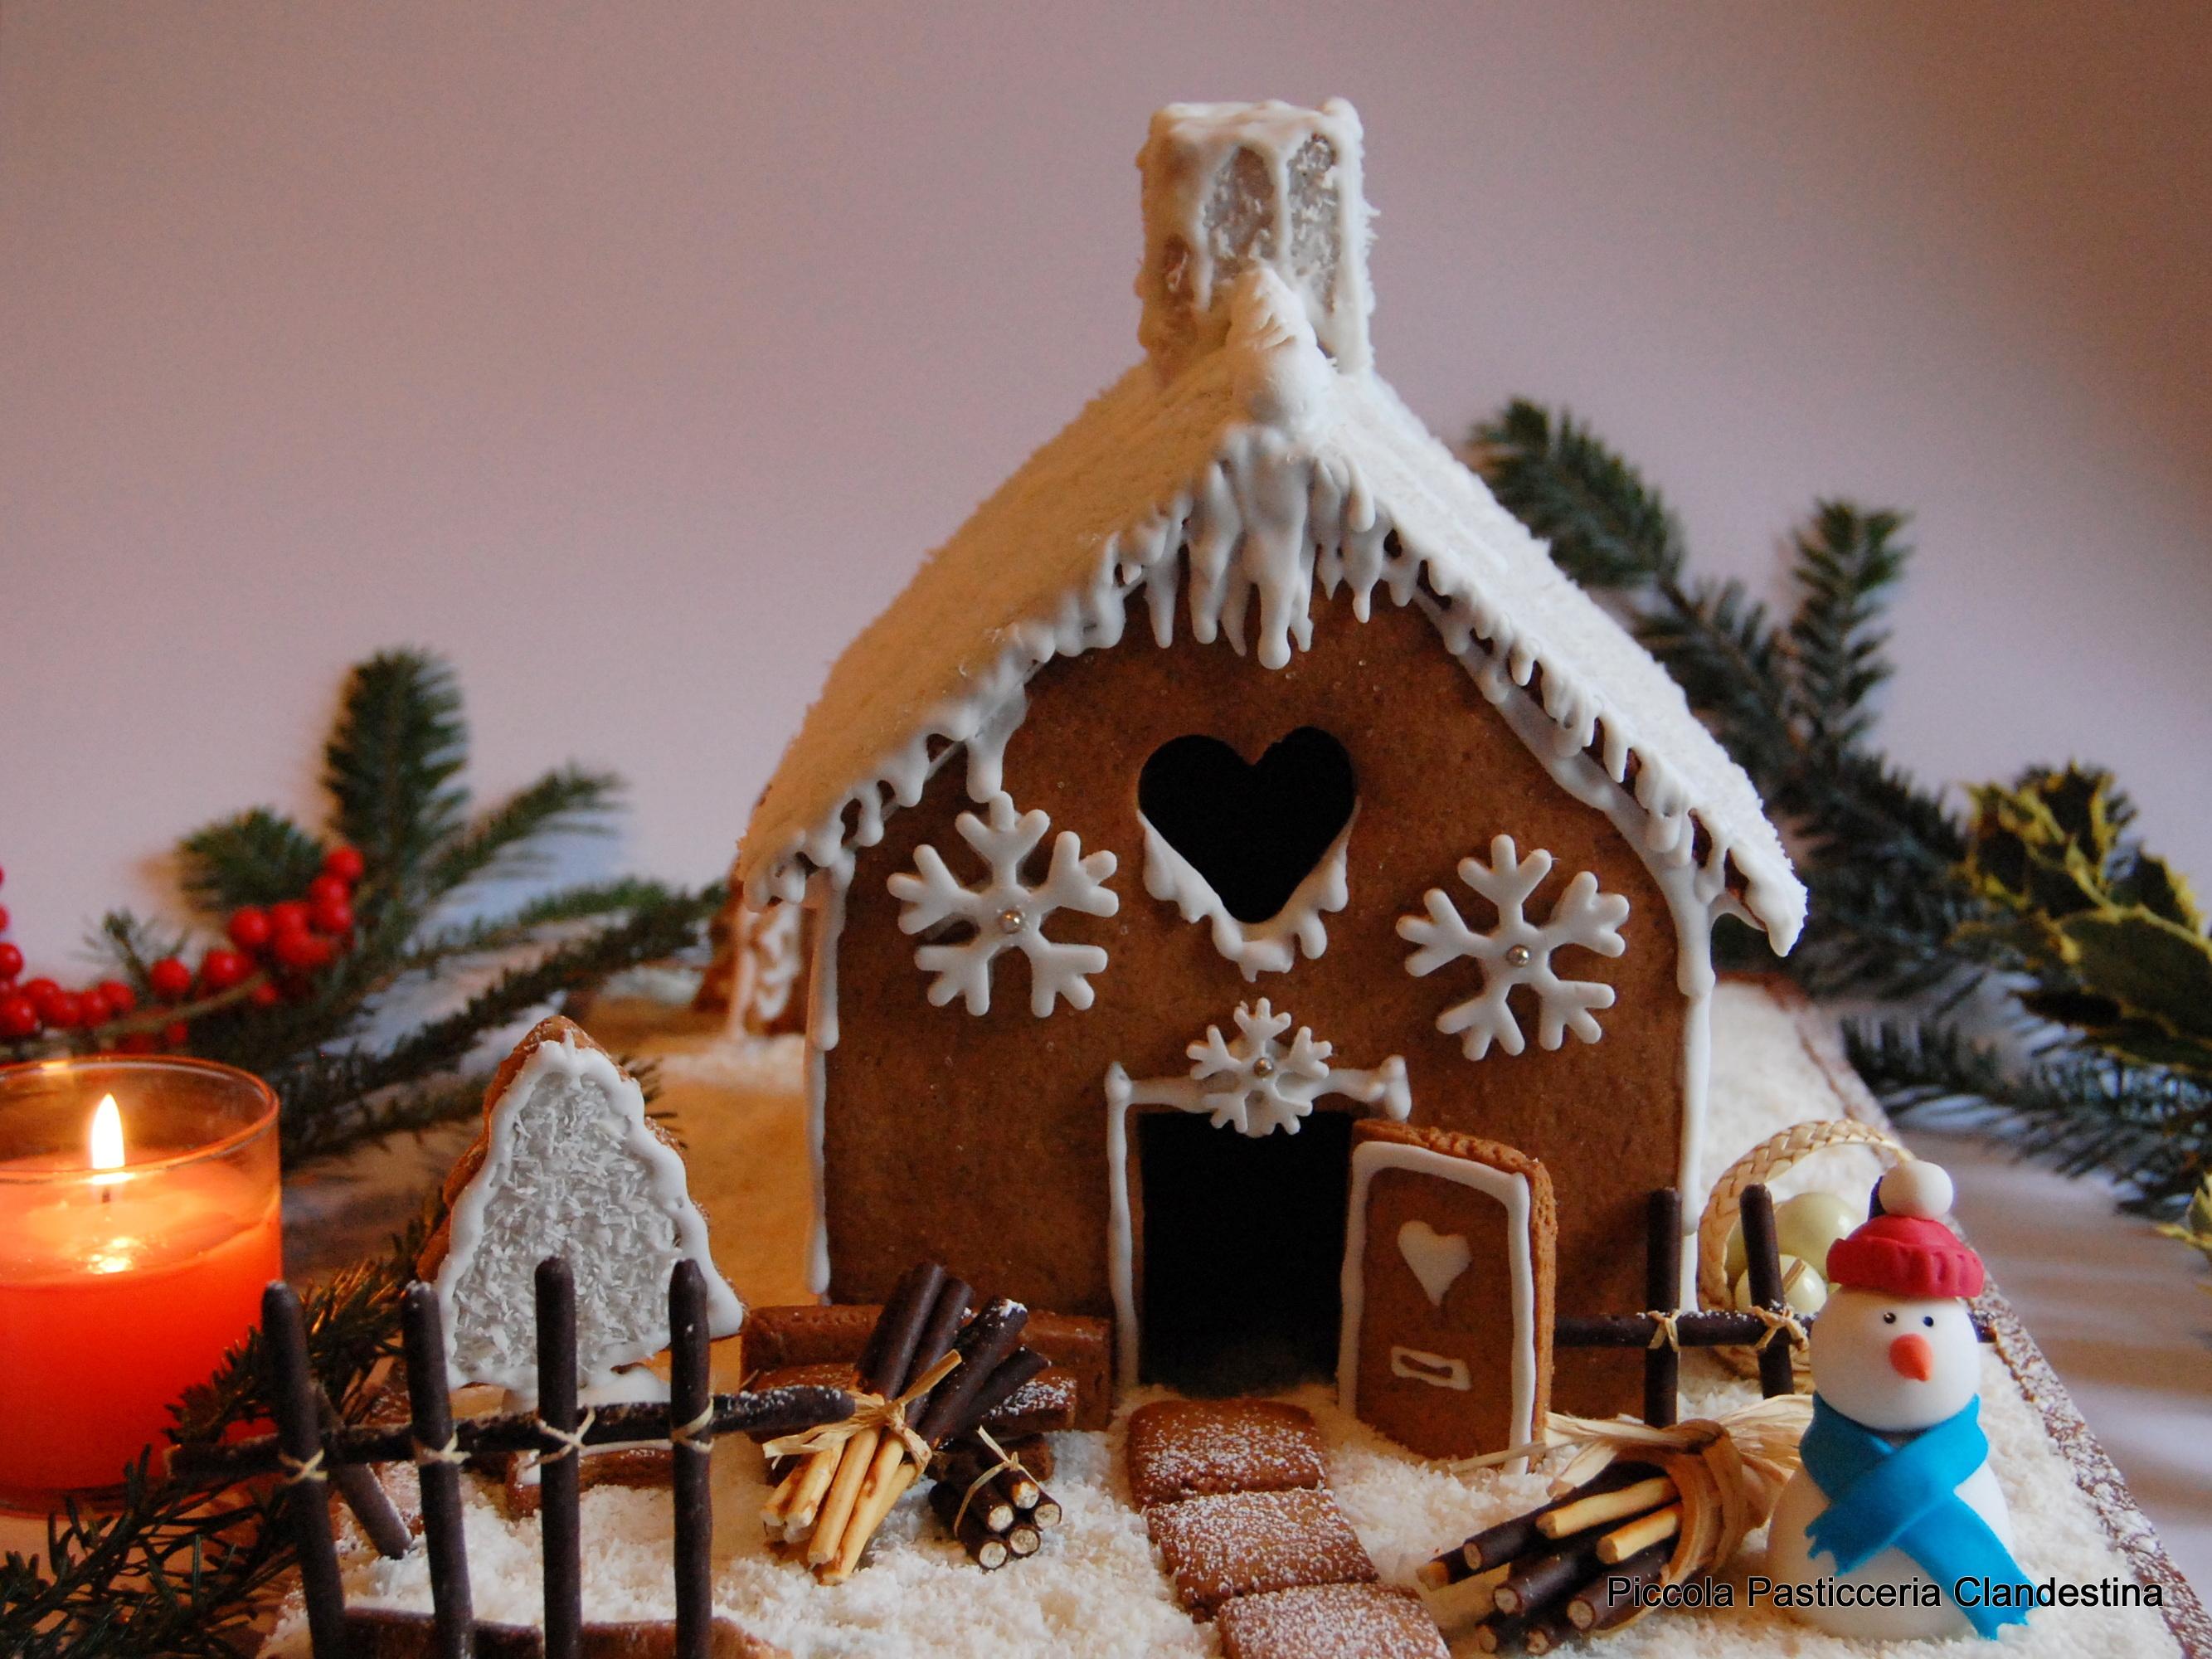 Casetta Di Natale Di Cioccolato : Casetta di pandizenzero piccola pasticceria clandestina